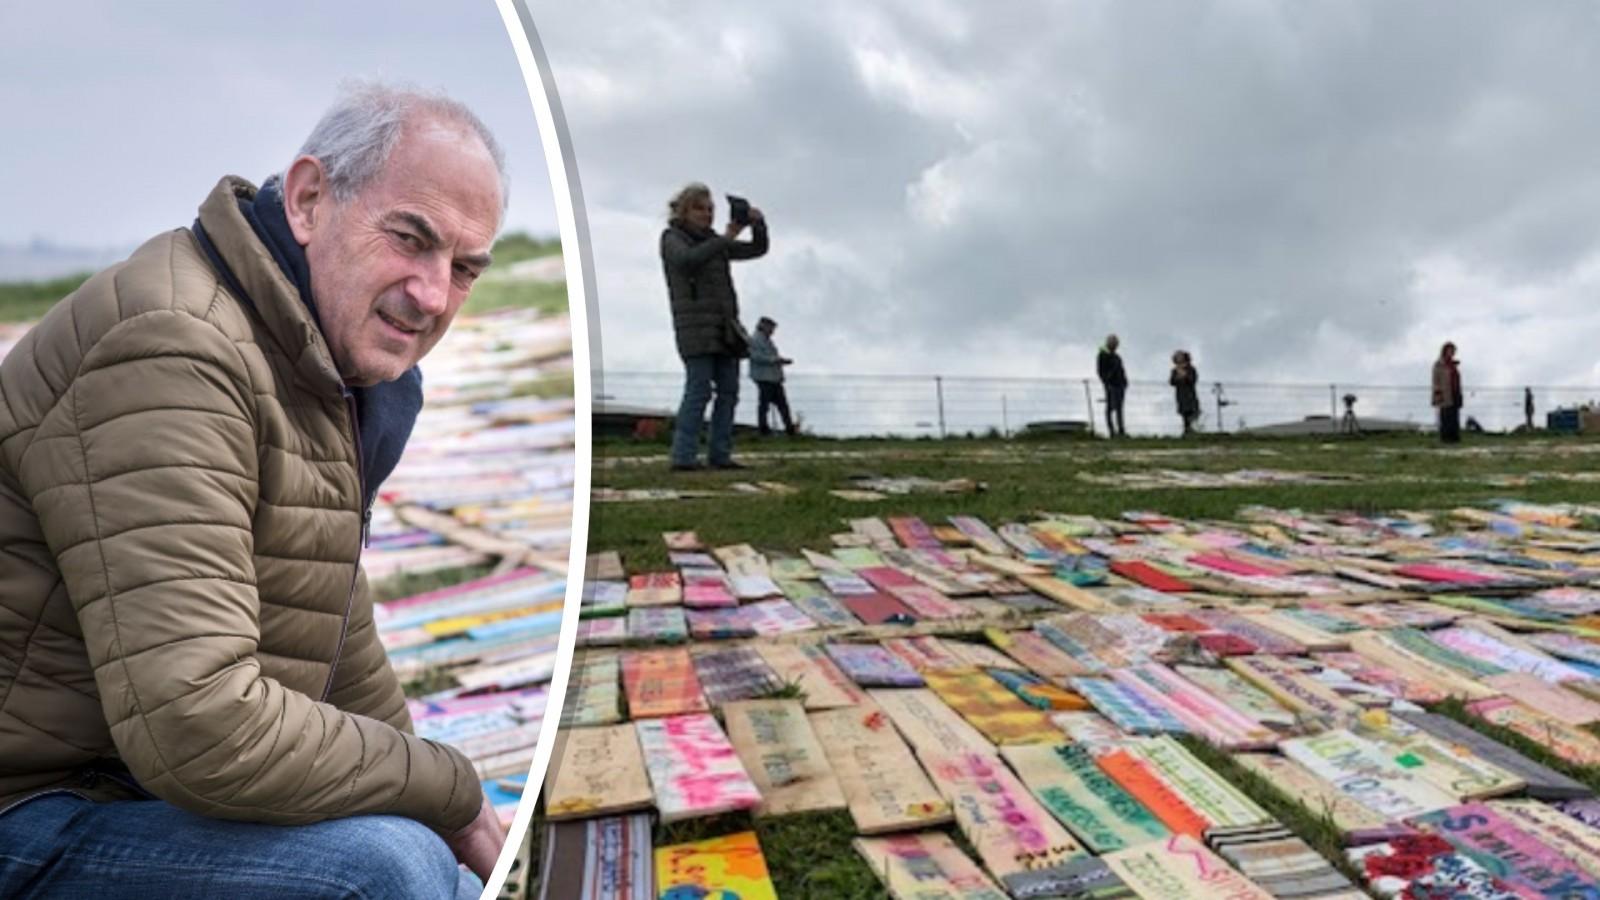 Stratenmonument op Pampus herdenkt 2.800 joodse slachtoffers uit Oosterparkbuurt